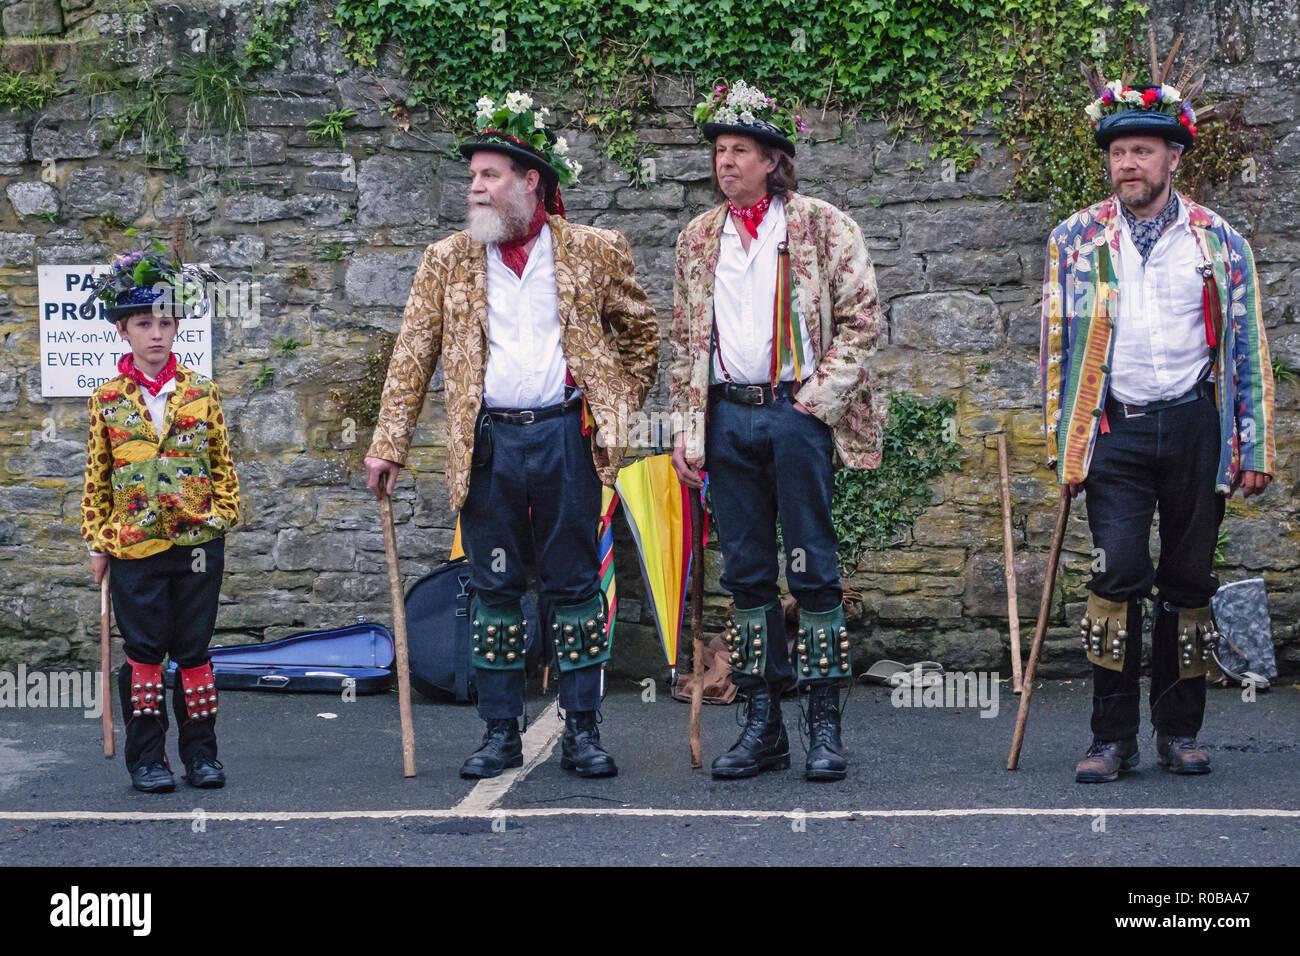 Hay-on-Wye, Powys, Wales, UK. Morris Dancers (3 Männer und ein Junge) in traditioneller Tracht auf dem Hauptplatz zu tanzen Stockbild